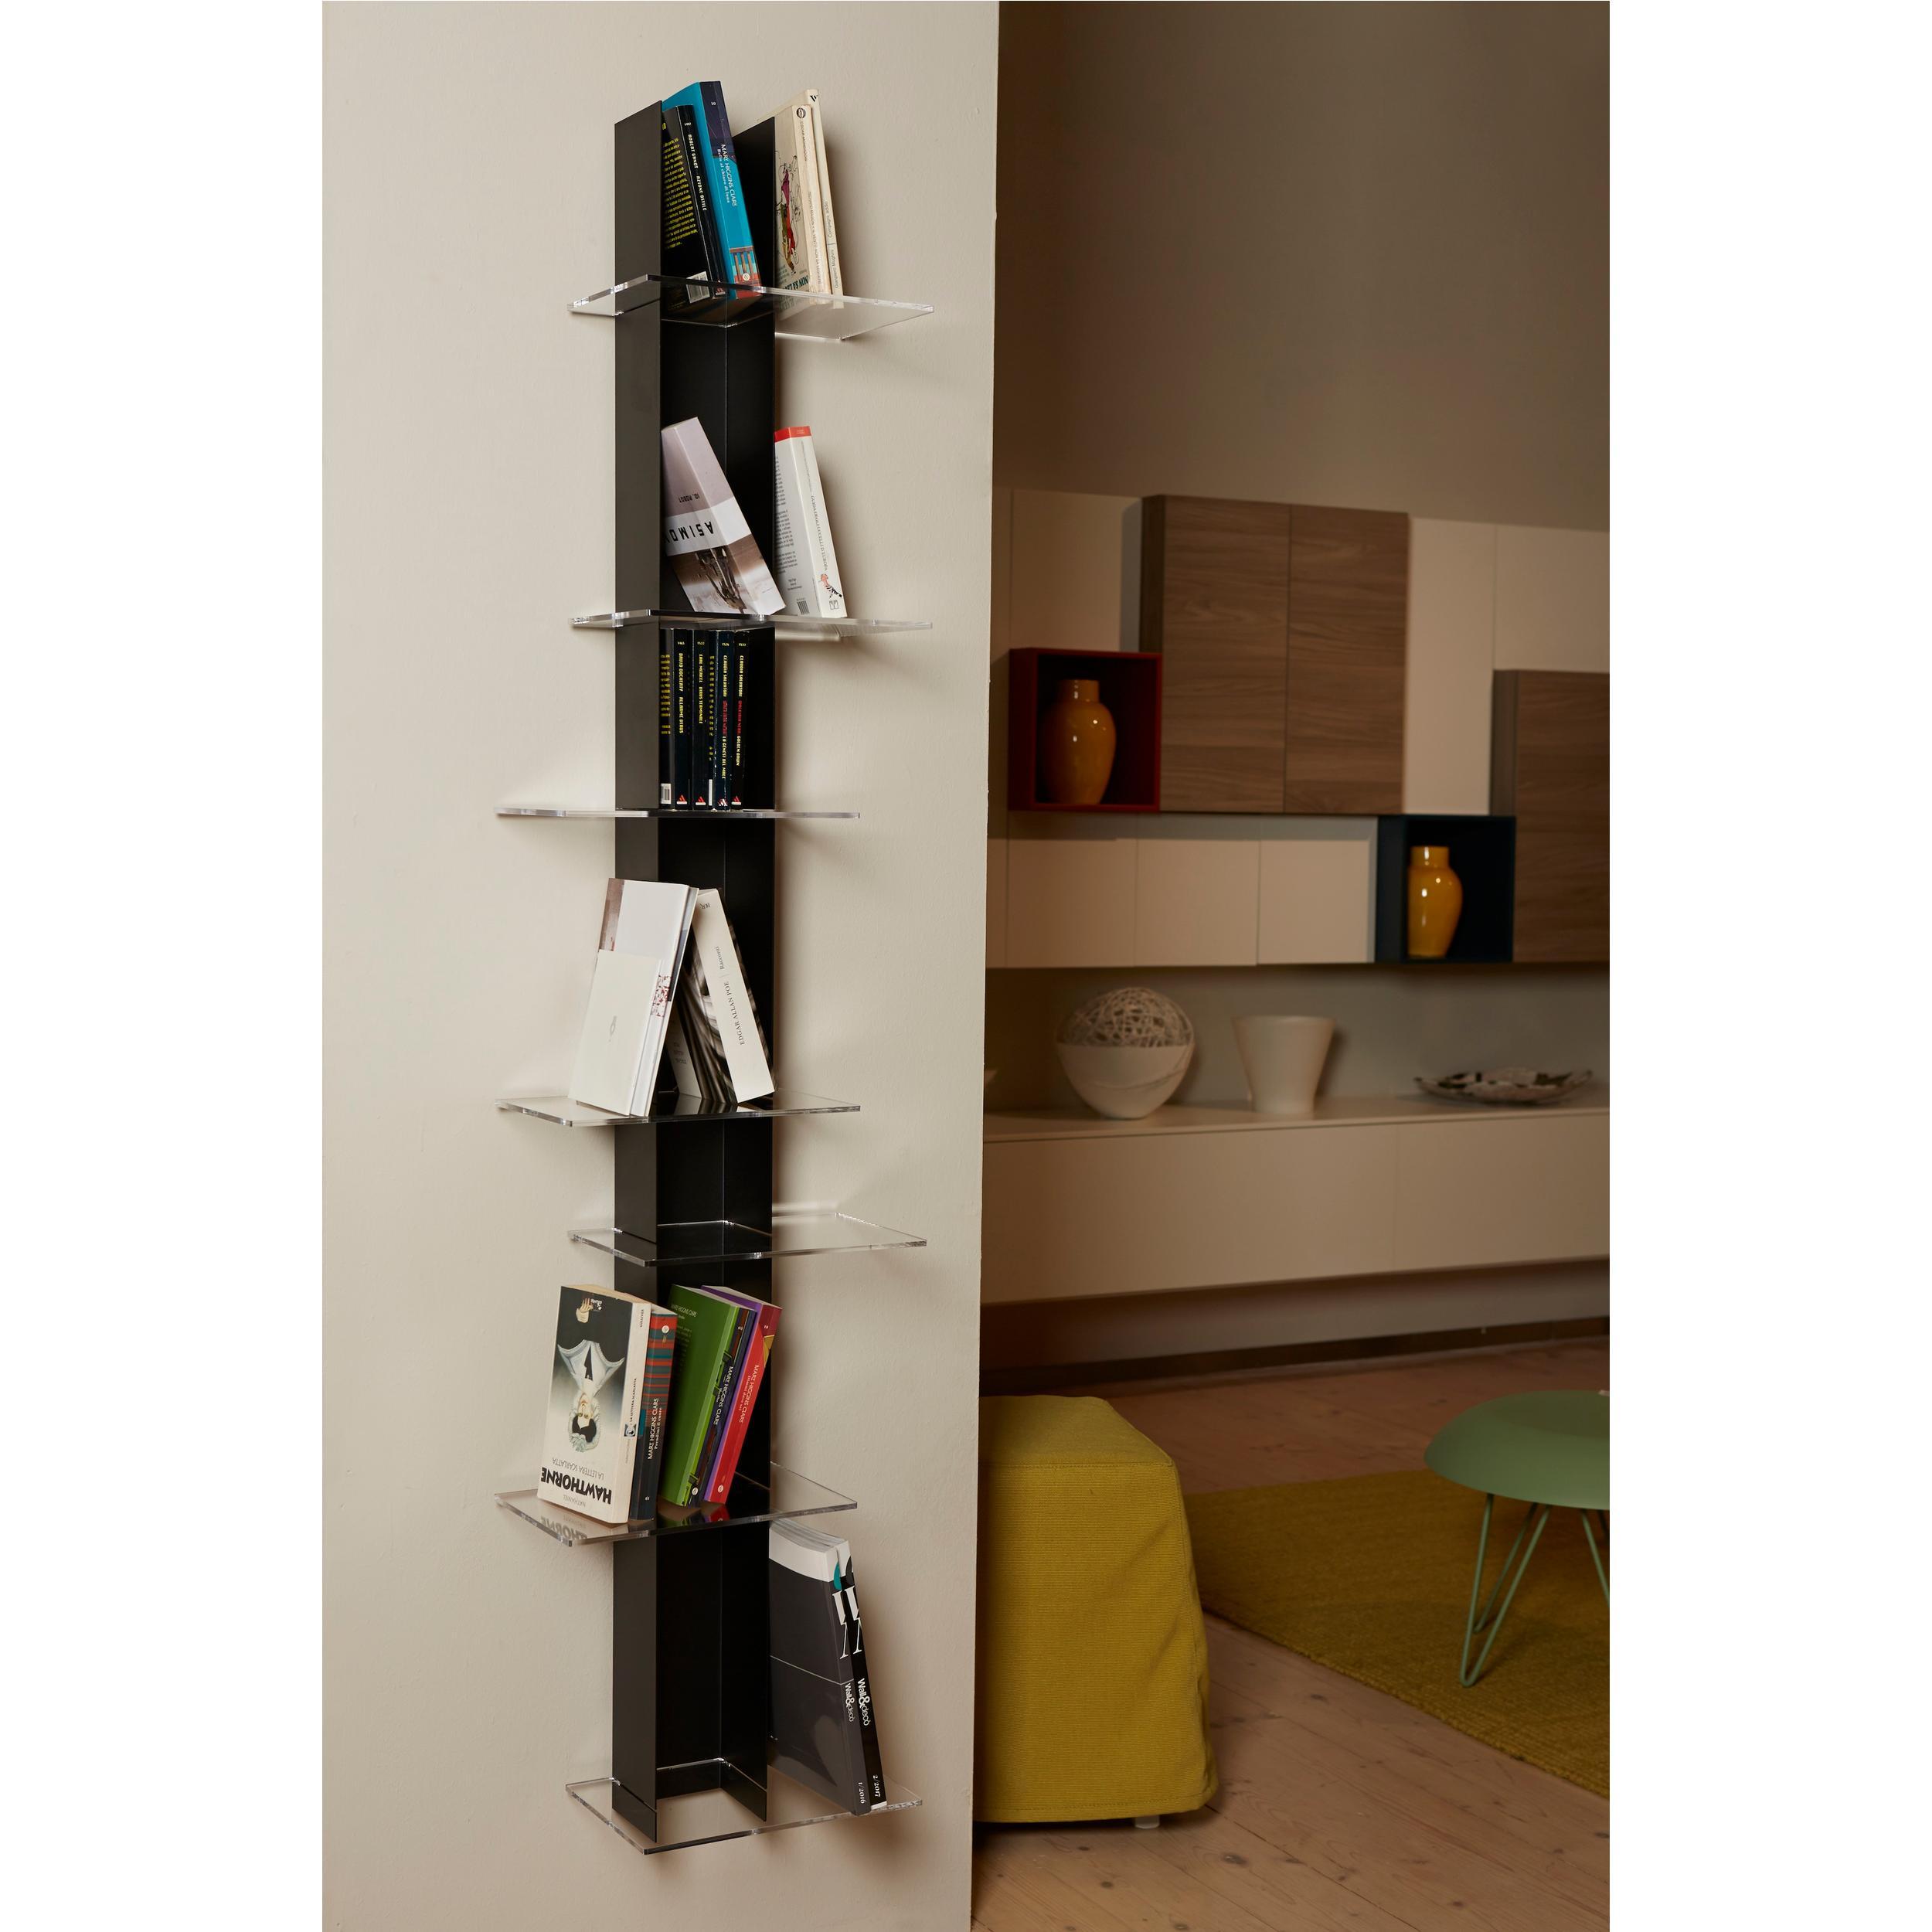 Libreria Verticale In Metallo.Libreria Da Parete Verticale Fissaggio A Parete Elib 39x23xh 170